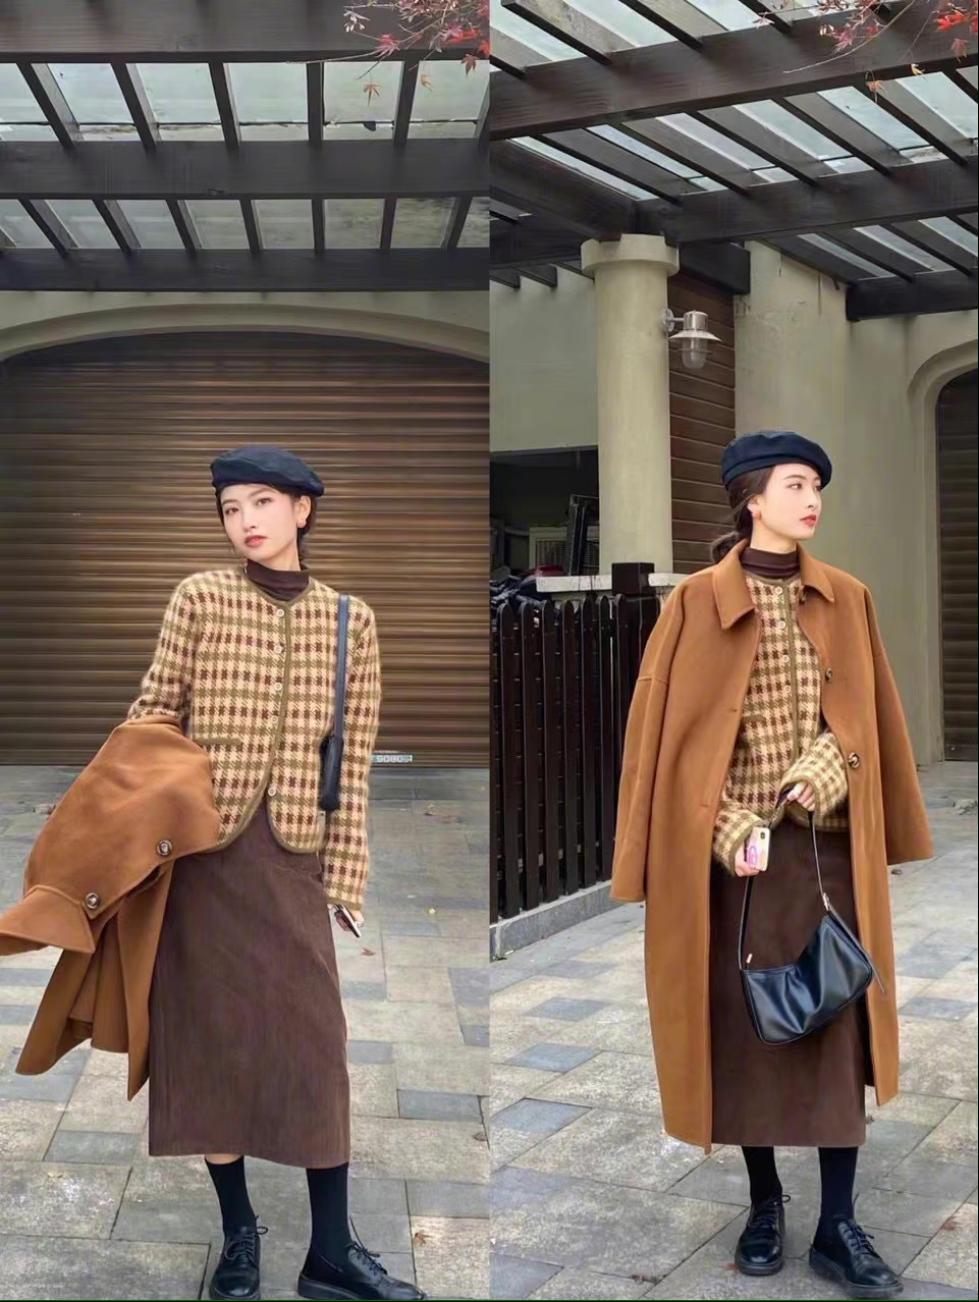 Loạt cách mix sành điệu từ trong ra ngoài, bỏ áo khoác lại càng đẹp xuất sắc dành cho chị em công sở - Ảnh 6.